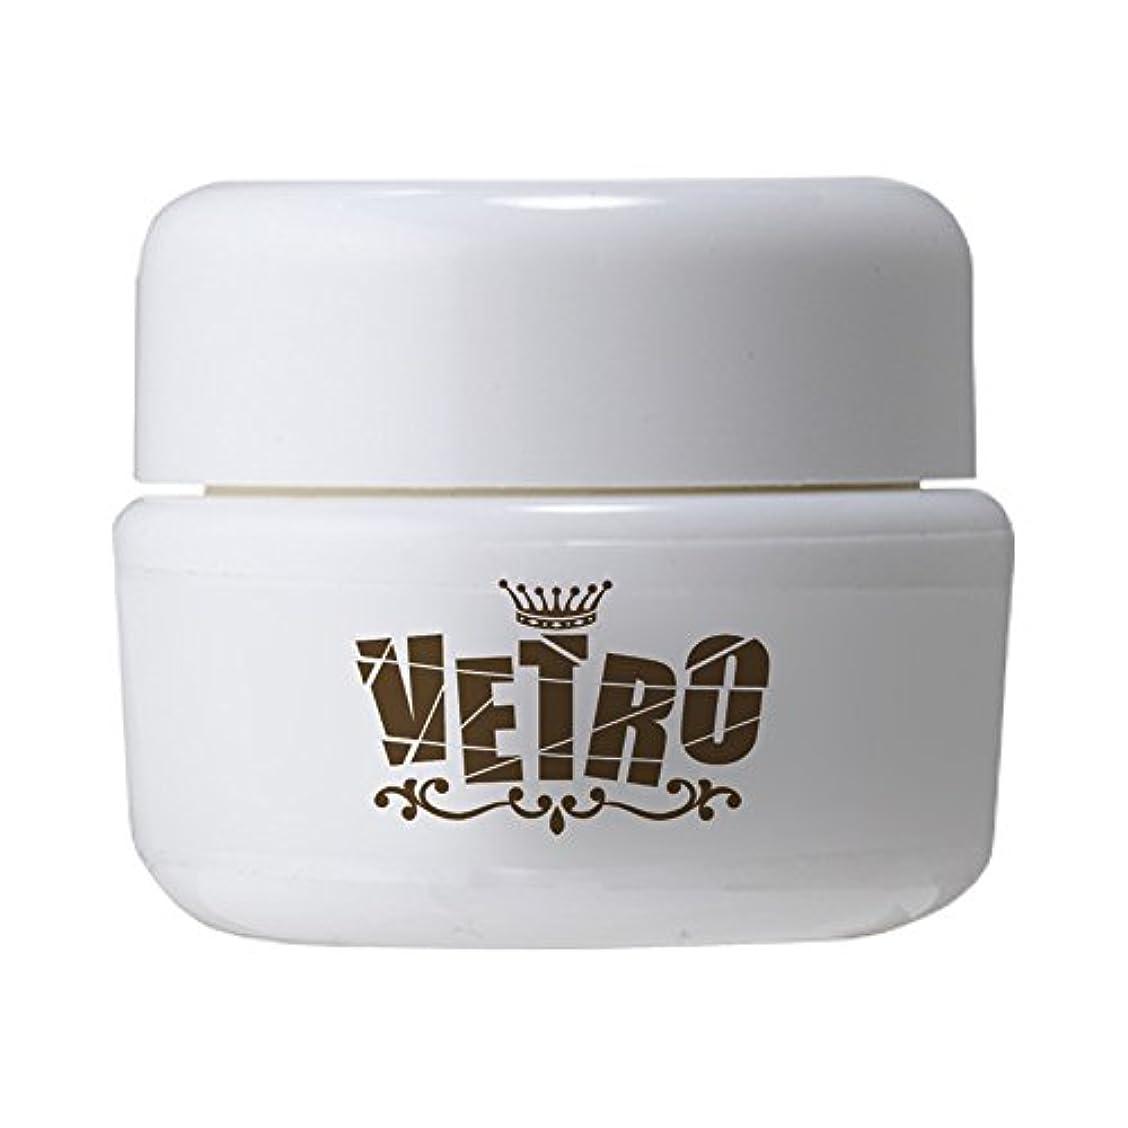 標準める飢饉VETRO No.19 カラージェル マット VL111 アイボリー 4ml